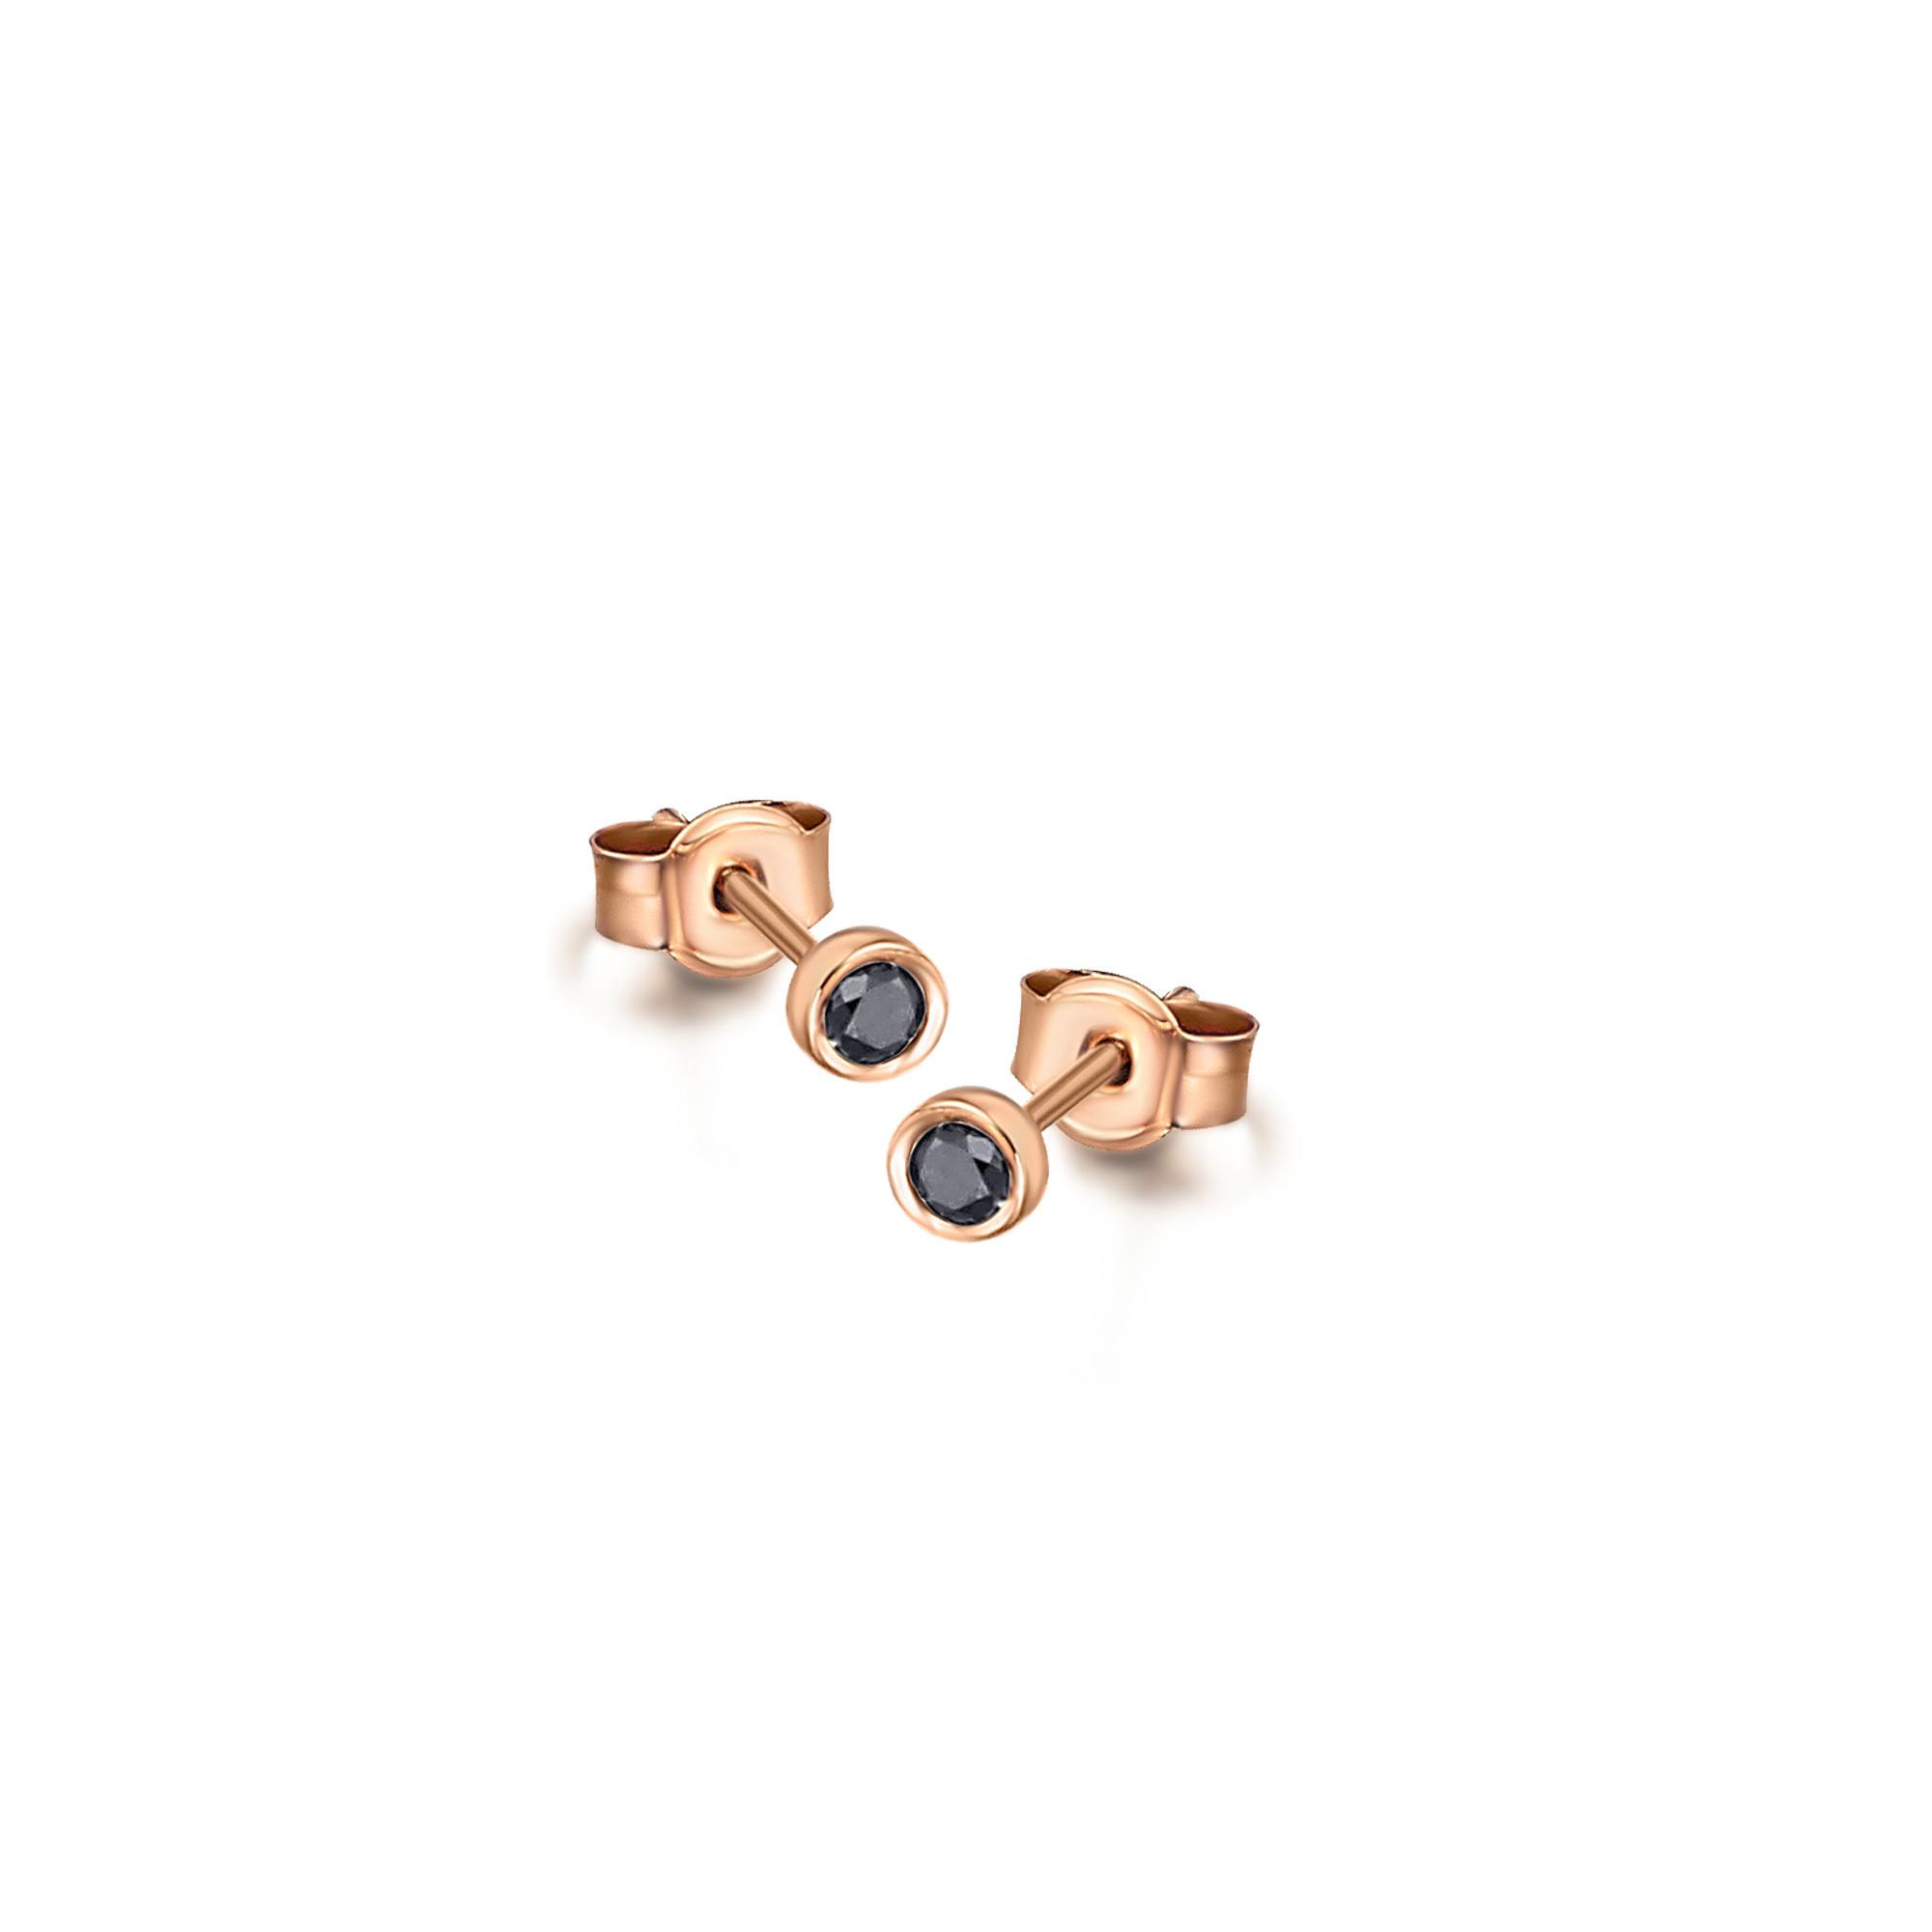 GB020ORBL orecchini oro rosa diamanti neri earrings black diamonds discount sconto